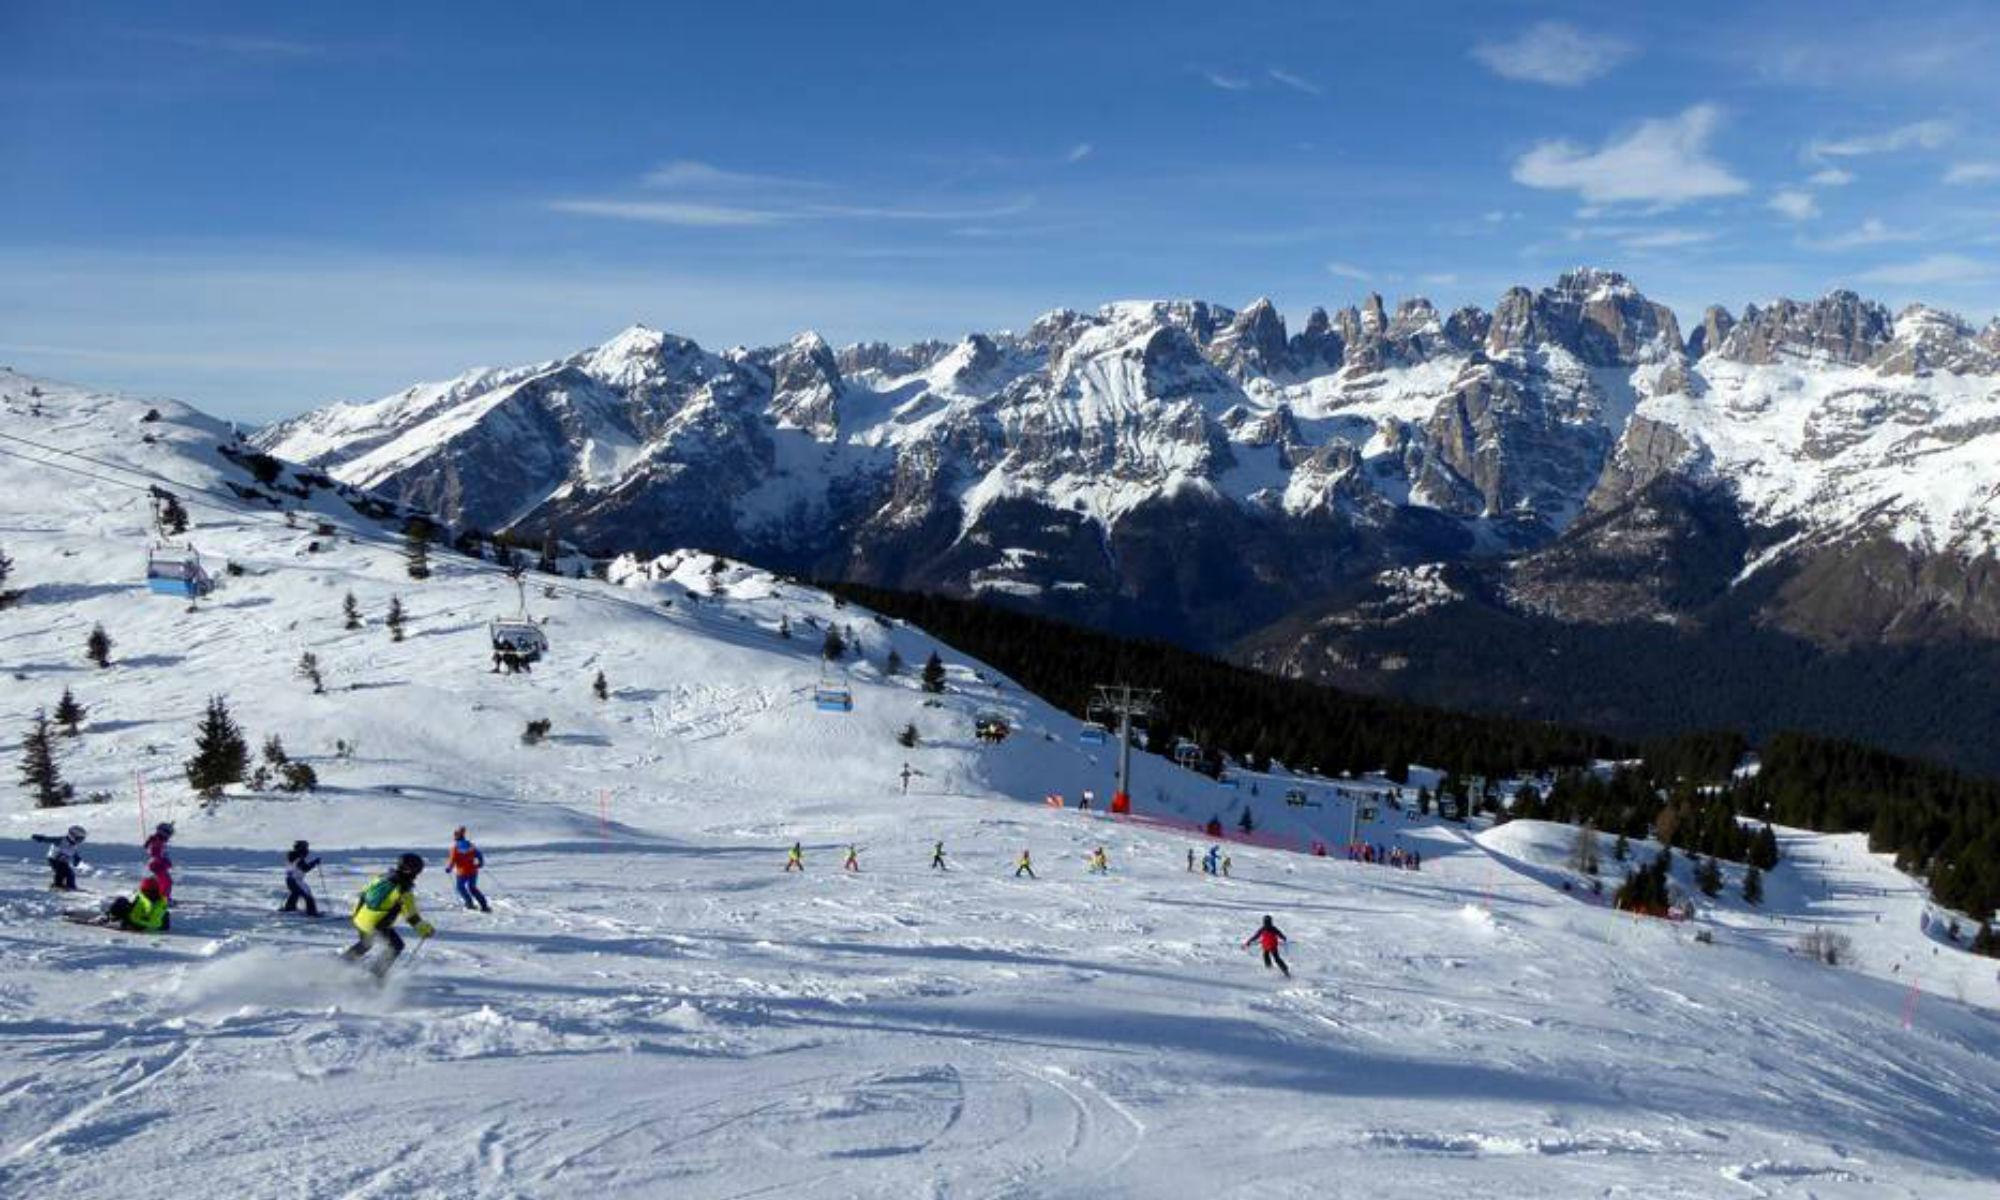 Cosa fare ad Andalo in inverno: 5 idee per divertirsi ad Andalo